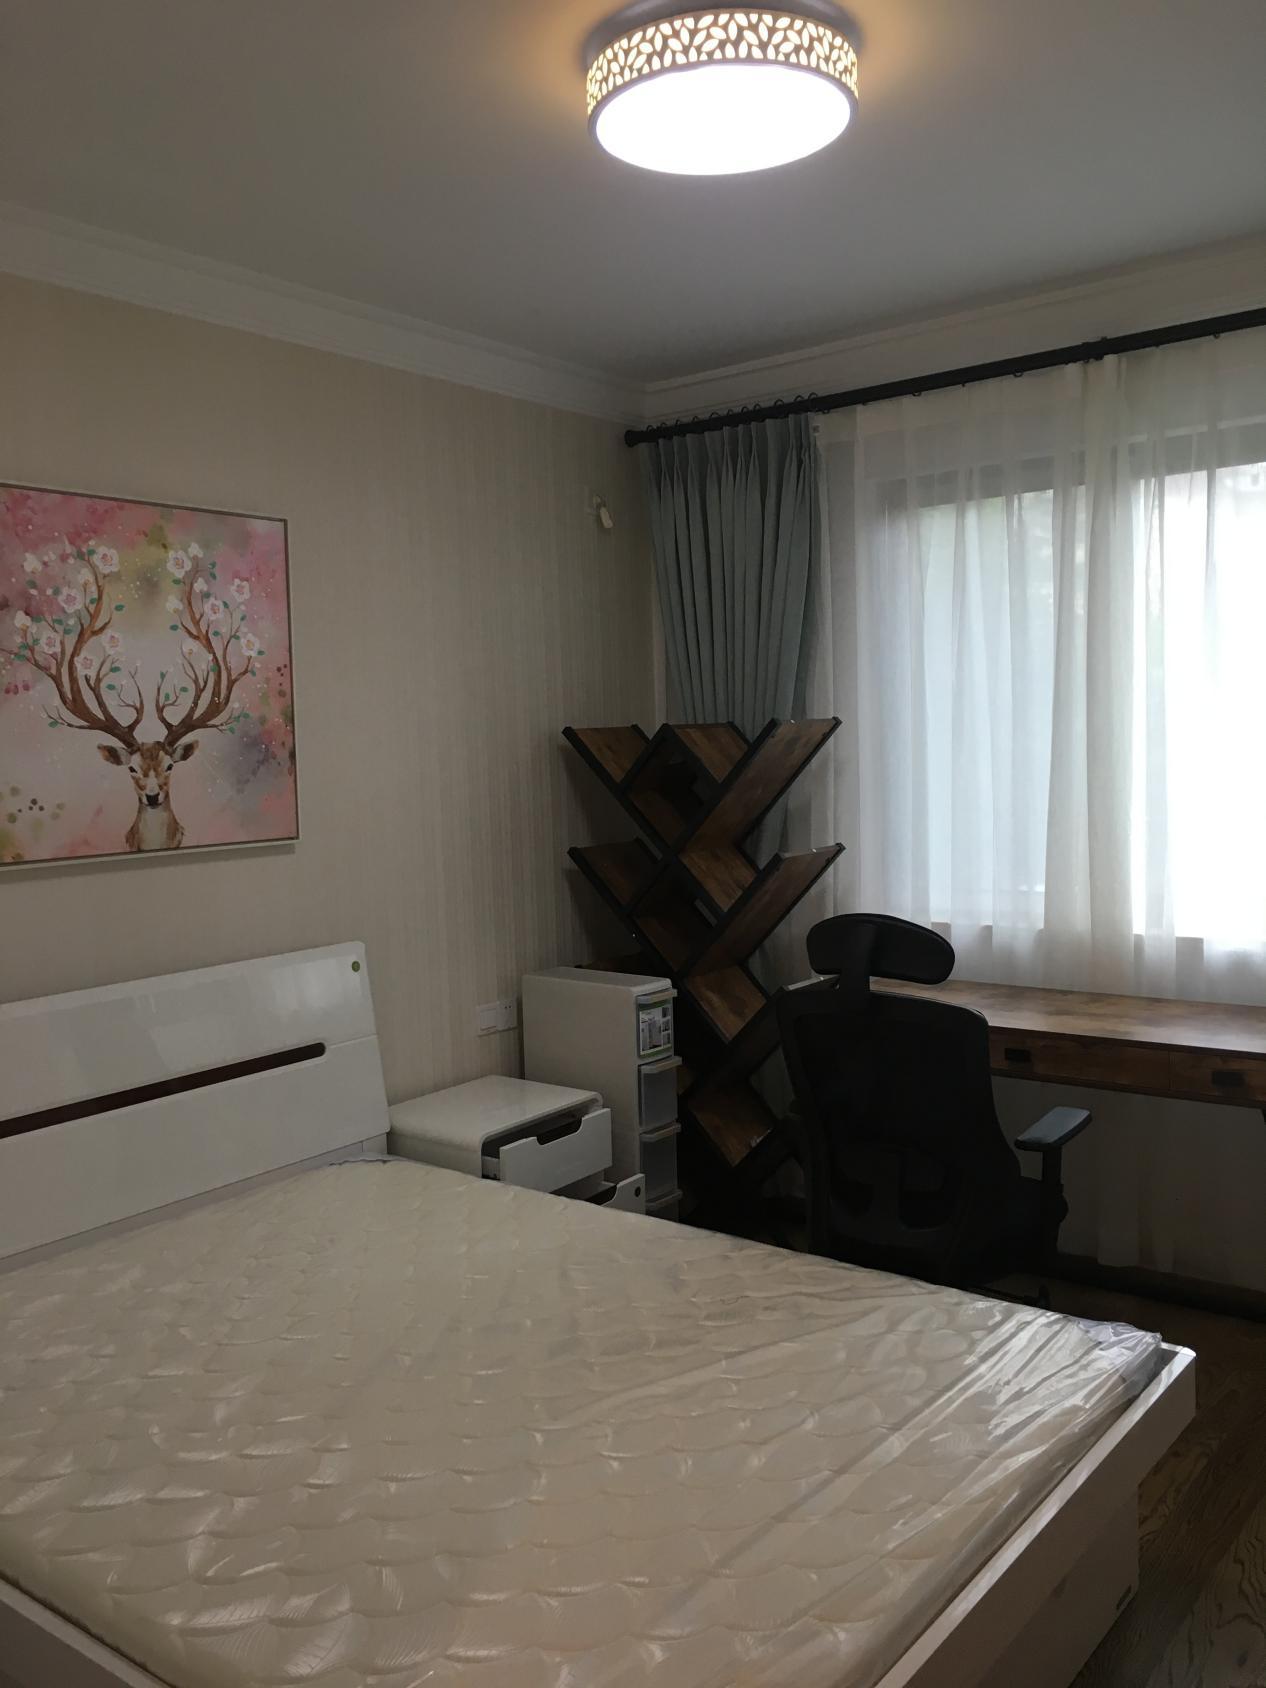 业主还布置了一个实木书桌和创意书架,充分利用空间,可以当做看书休闲的书房来用。